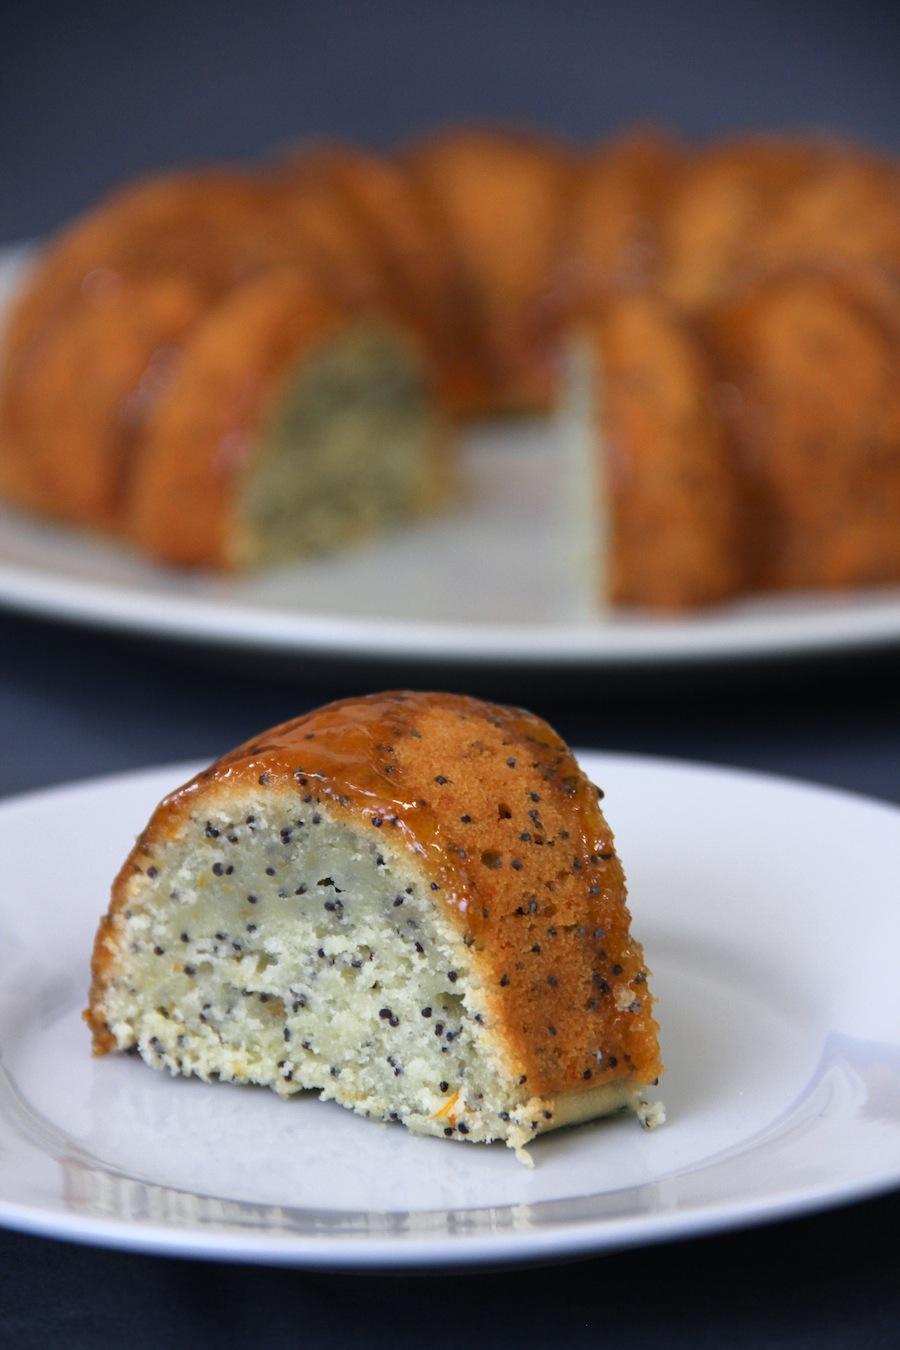 orange and poppy seed bundt cake